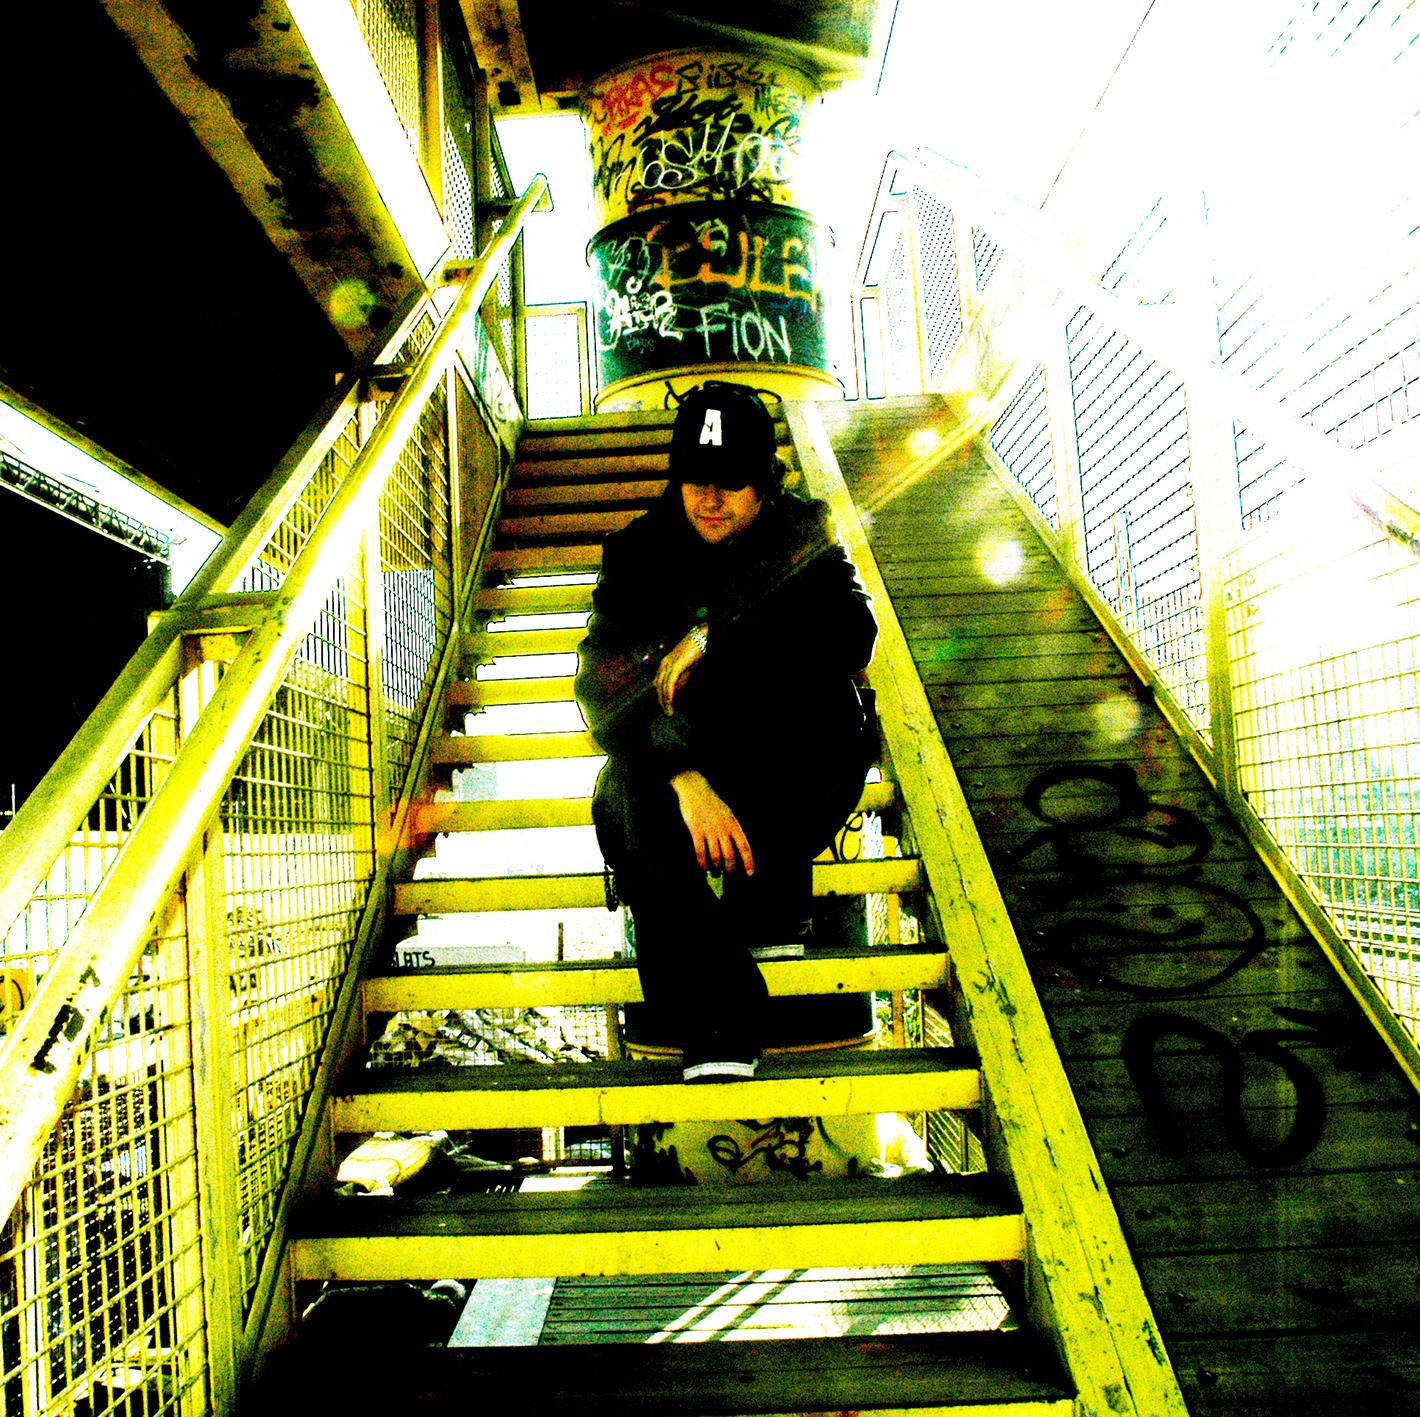 rapero en escaleras soledad rap triste soledad